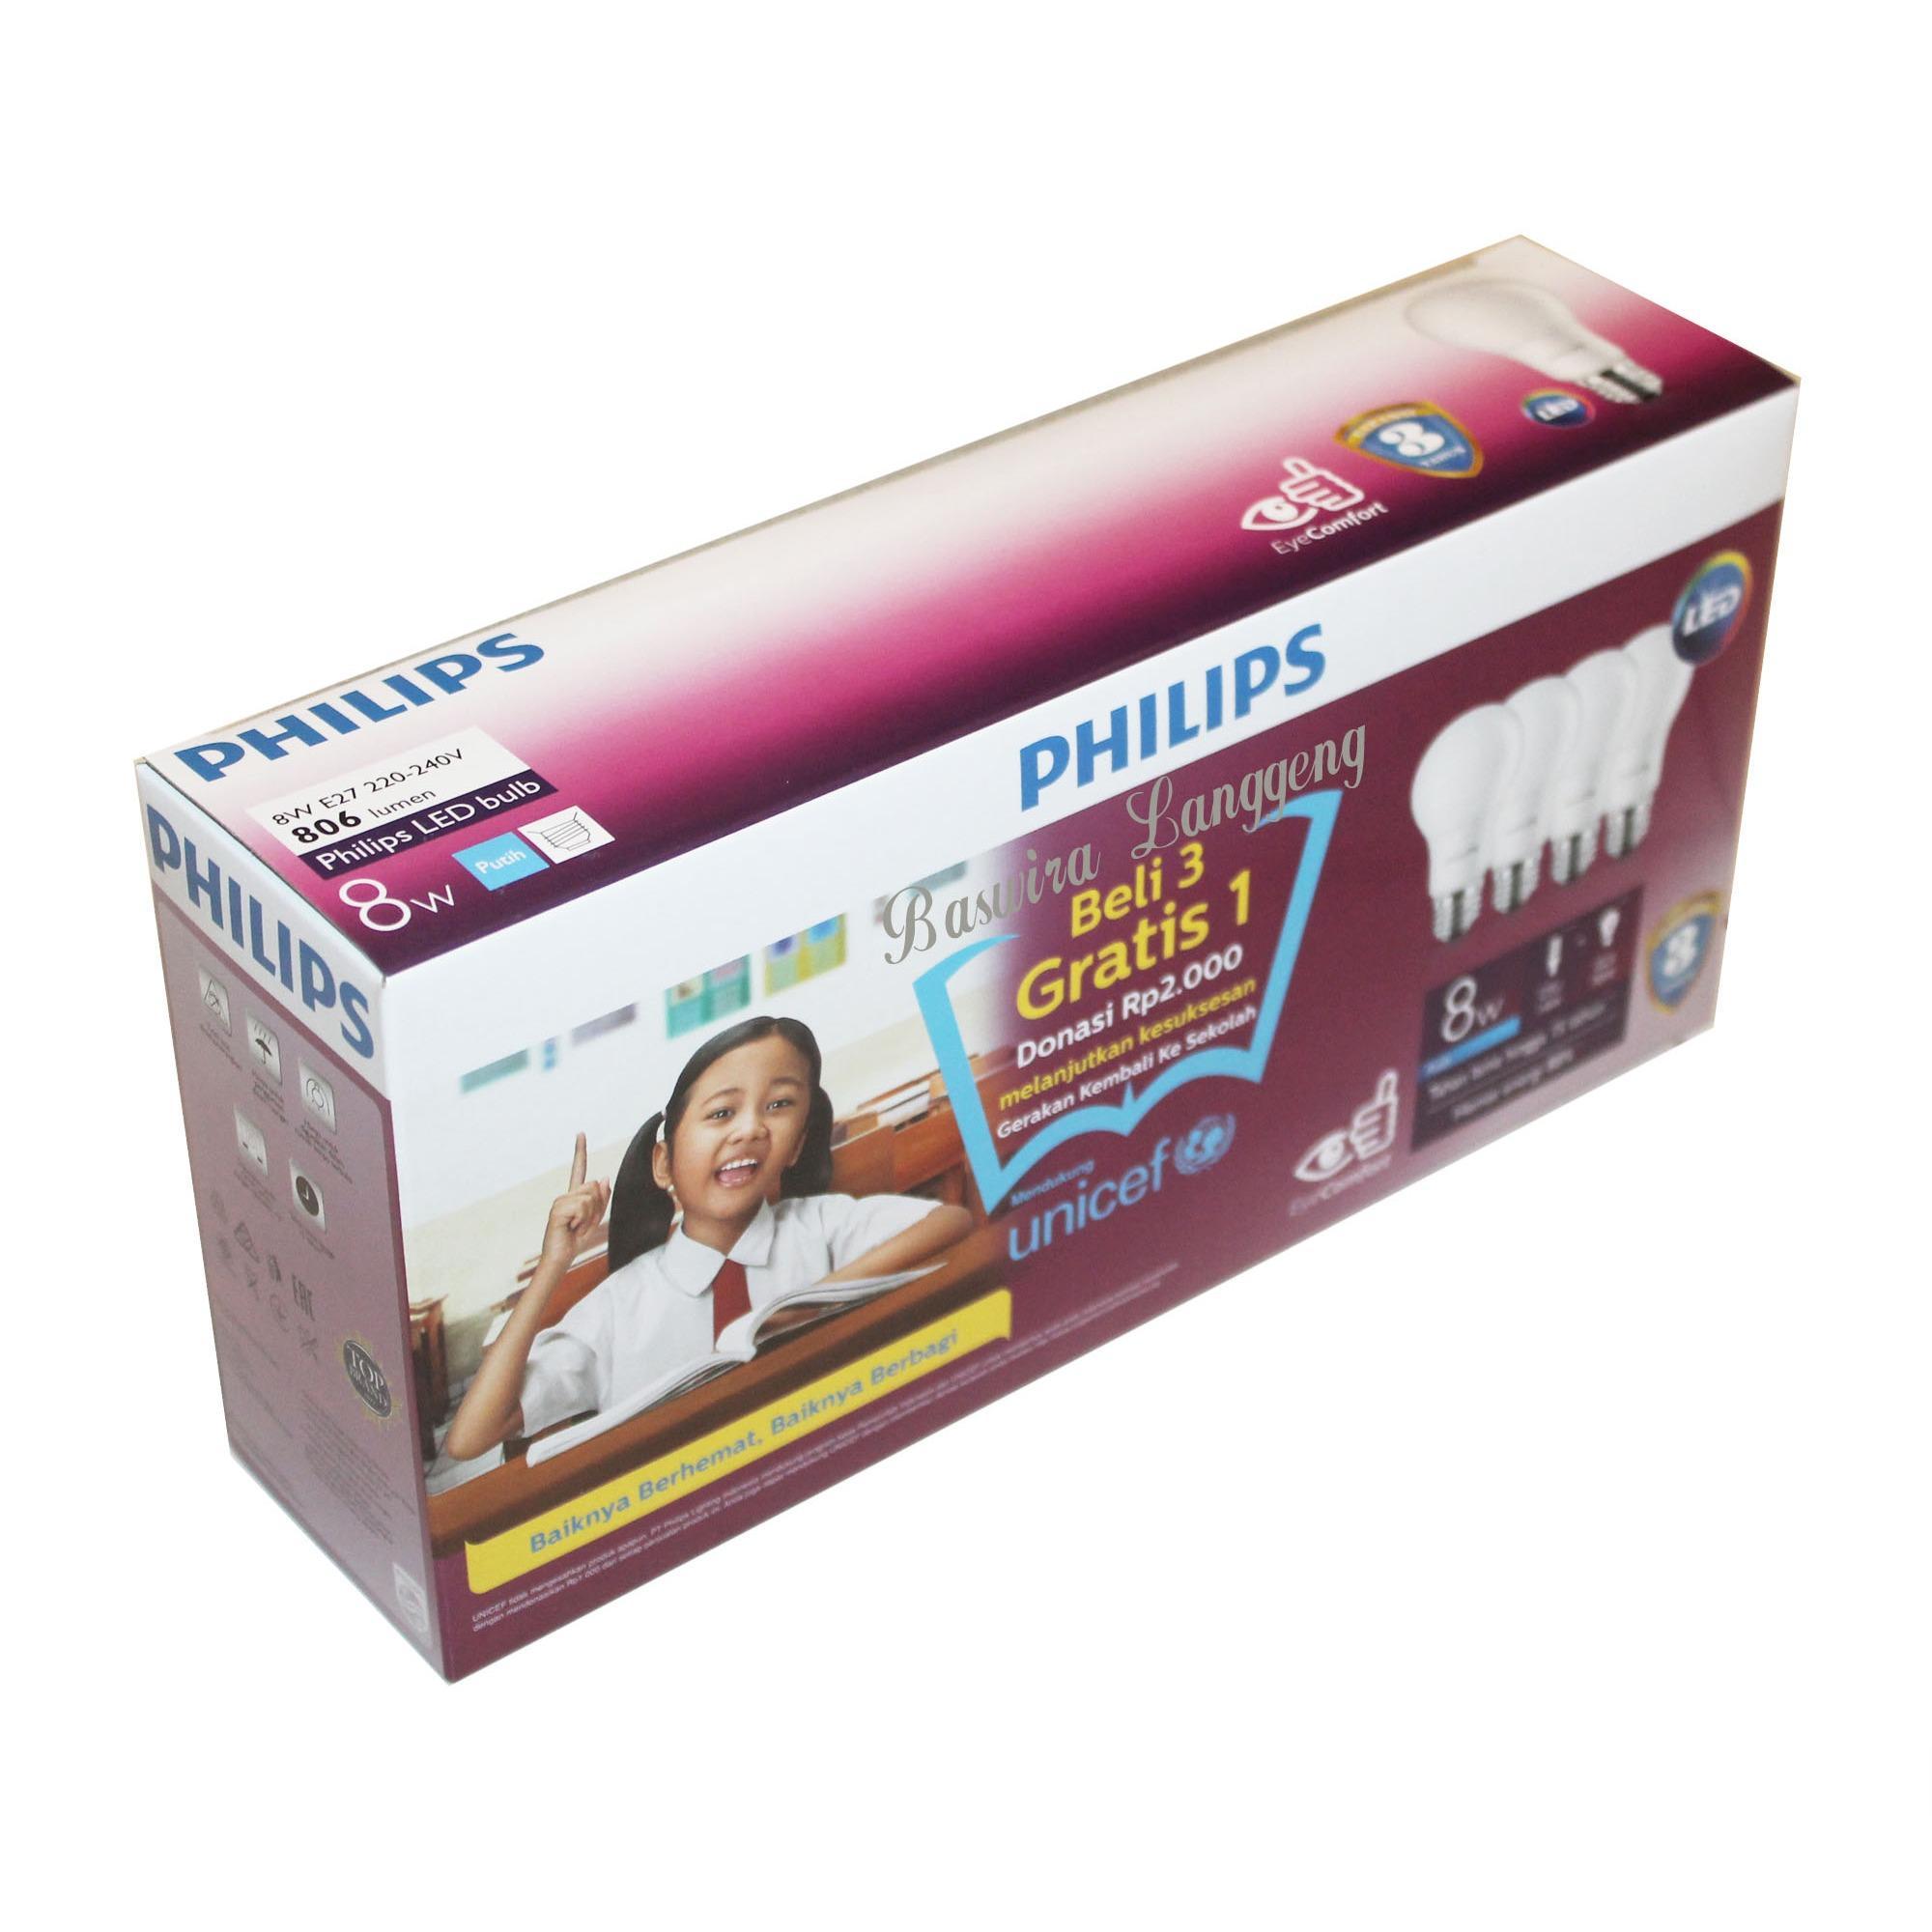 Kehebatan Philips Lampu Led Bulb 8 Watt 8w Unicef Paket Beli 3 Gratis 1 Putih